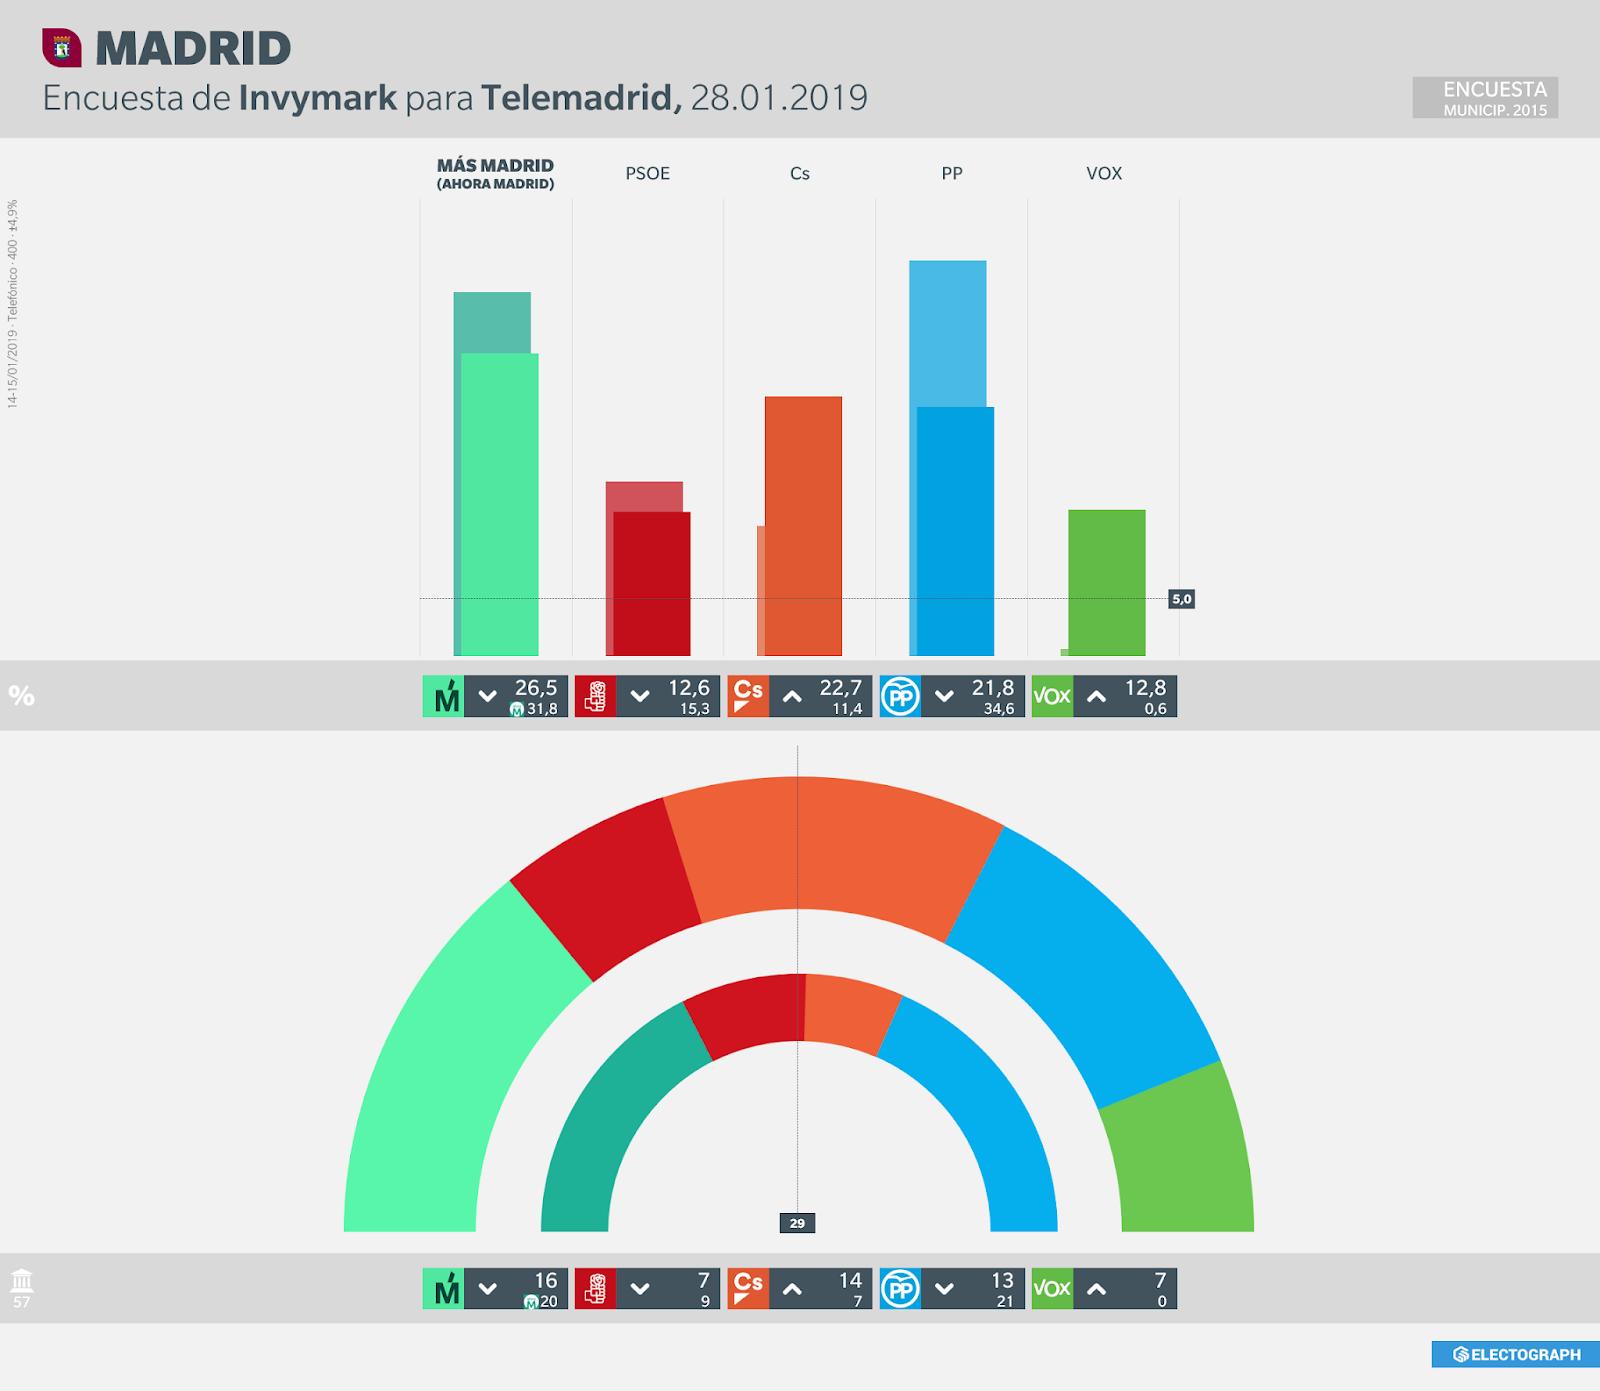 Gráfico de la encuesta para elecciones municipales en Madrid realizada por Invymark para Telemadrid, 28 de enero de 2019